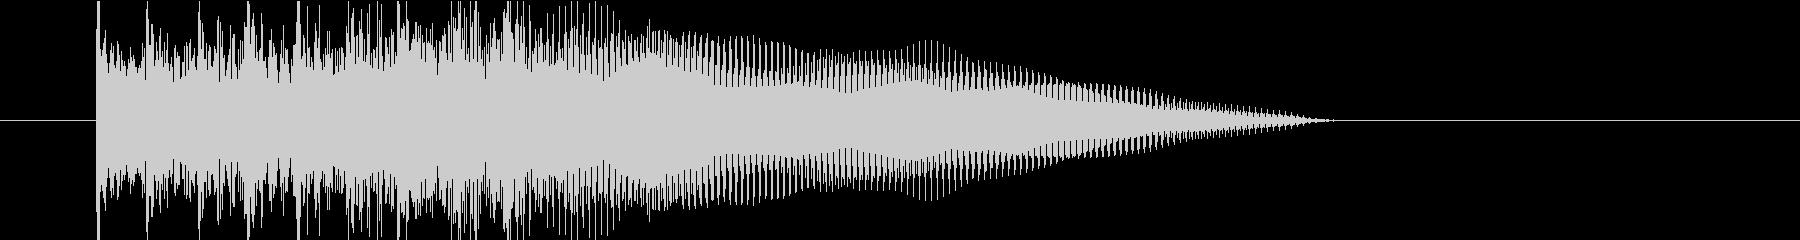 高揚感と活気のあるポップロック。明...の未再生の波形